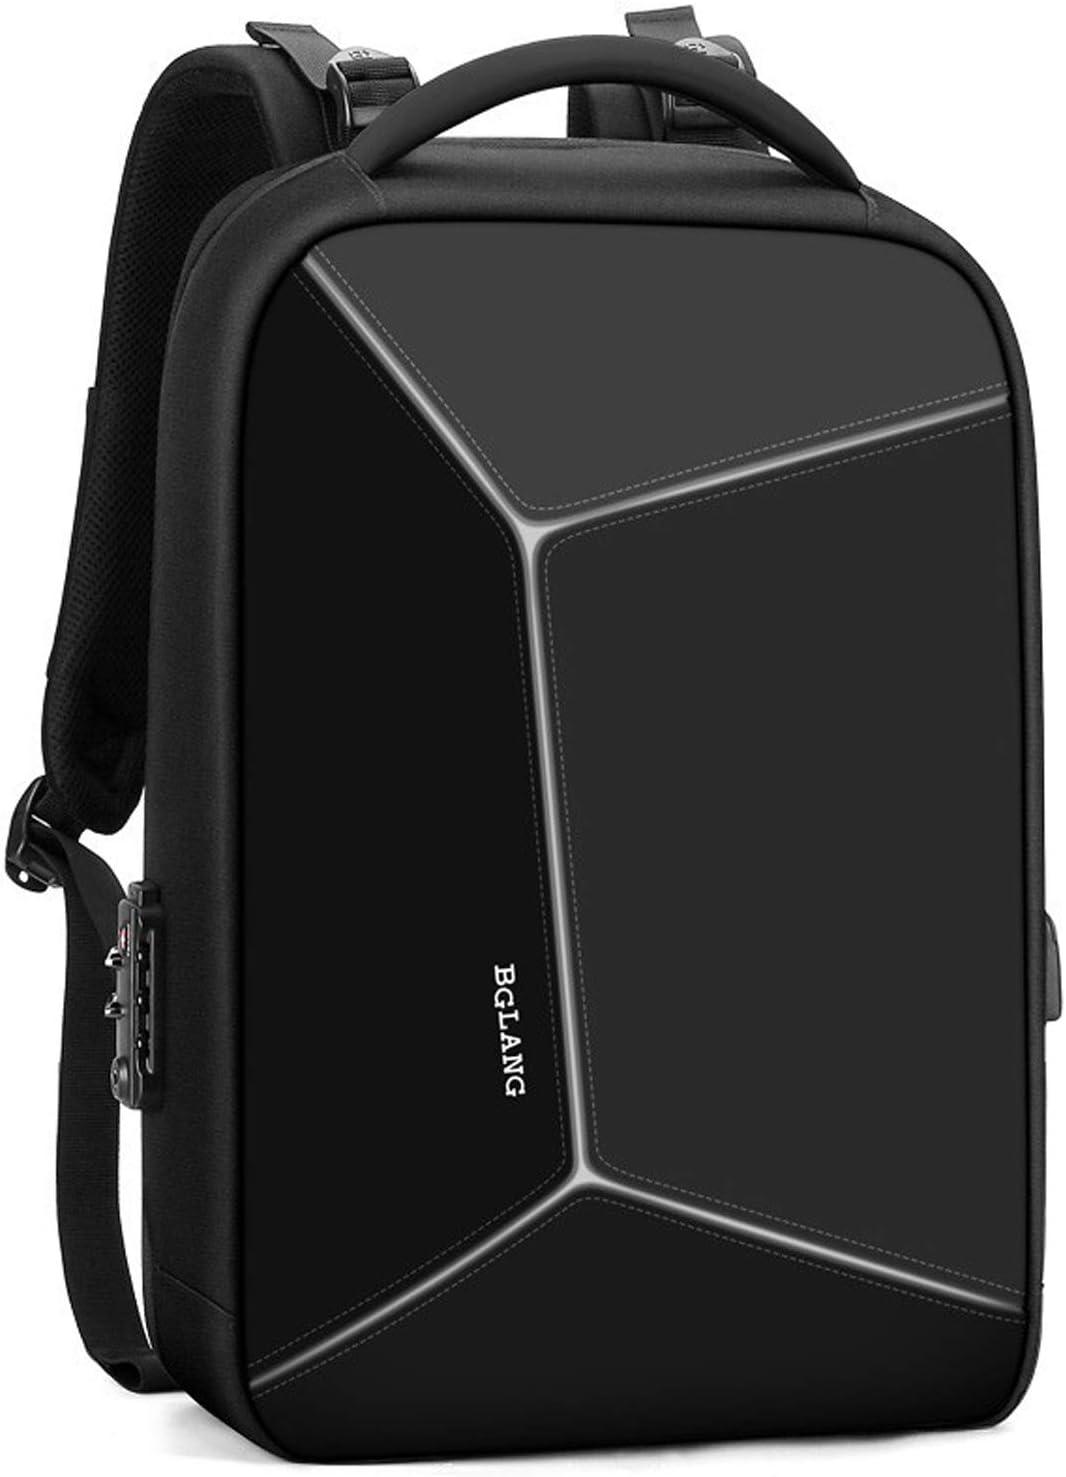 バックパック バッグ、男性用大容量バックパック、ビジネス用撥水トラベルナップザック、15.6インチタブレットコンパートメントリュックサックグレー/ブラックに最適 バッグ (Color : 黒) 黒